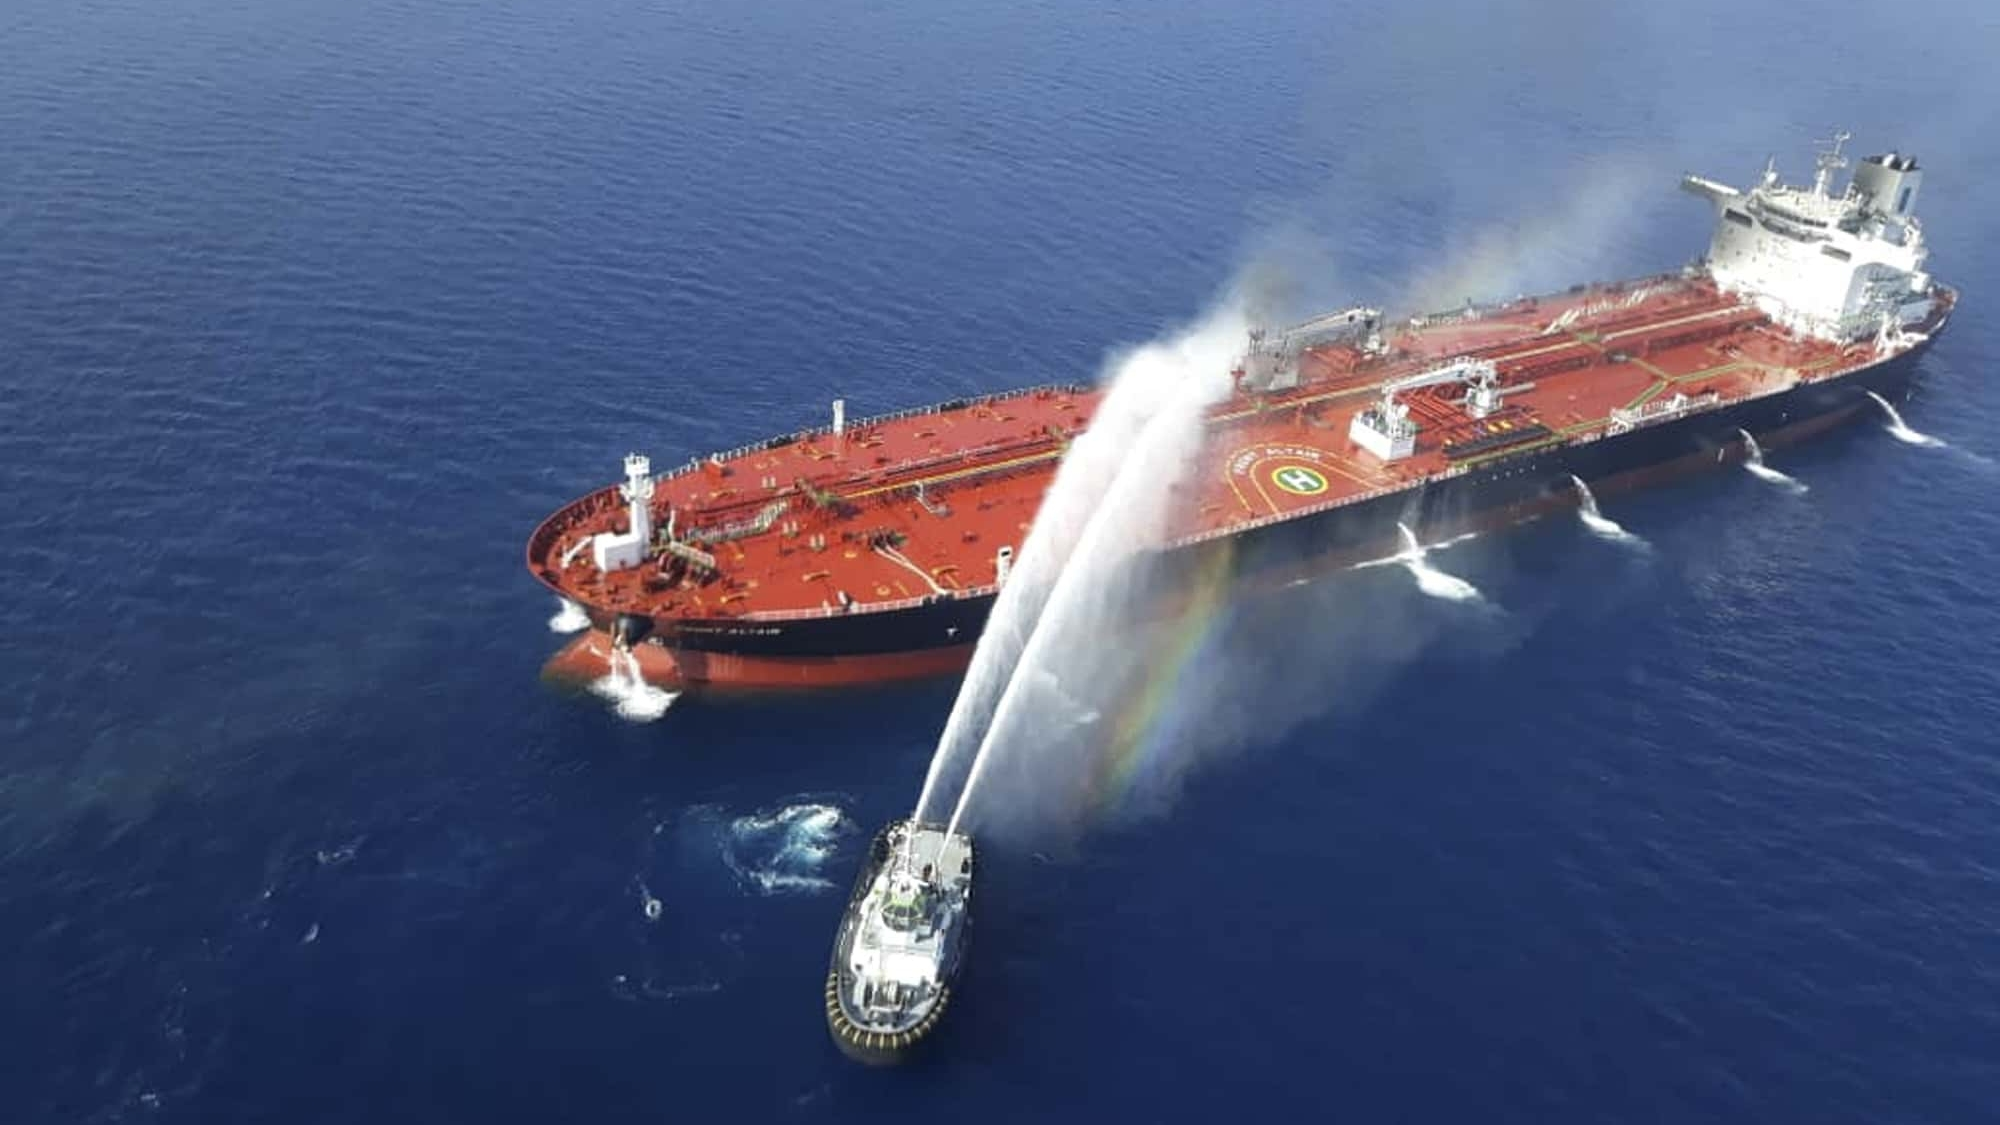 Trump achaca a Irán los ataques a buques petroleros y atiza temor a conflicto militar